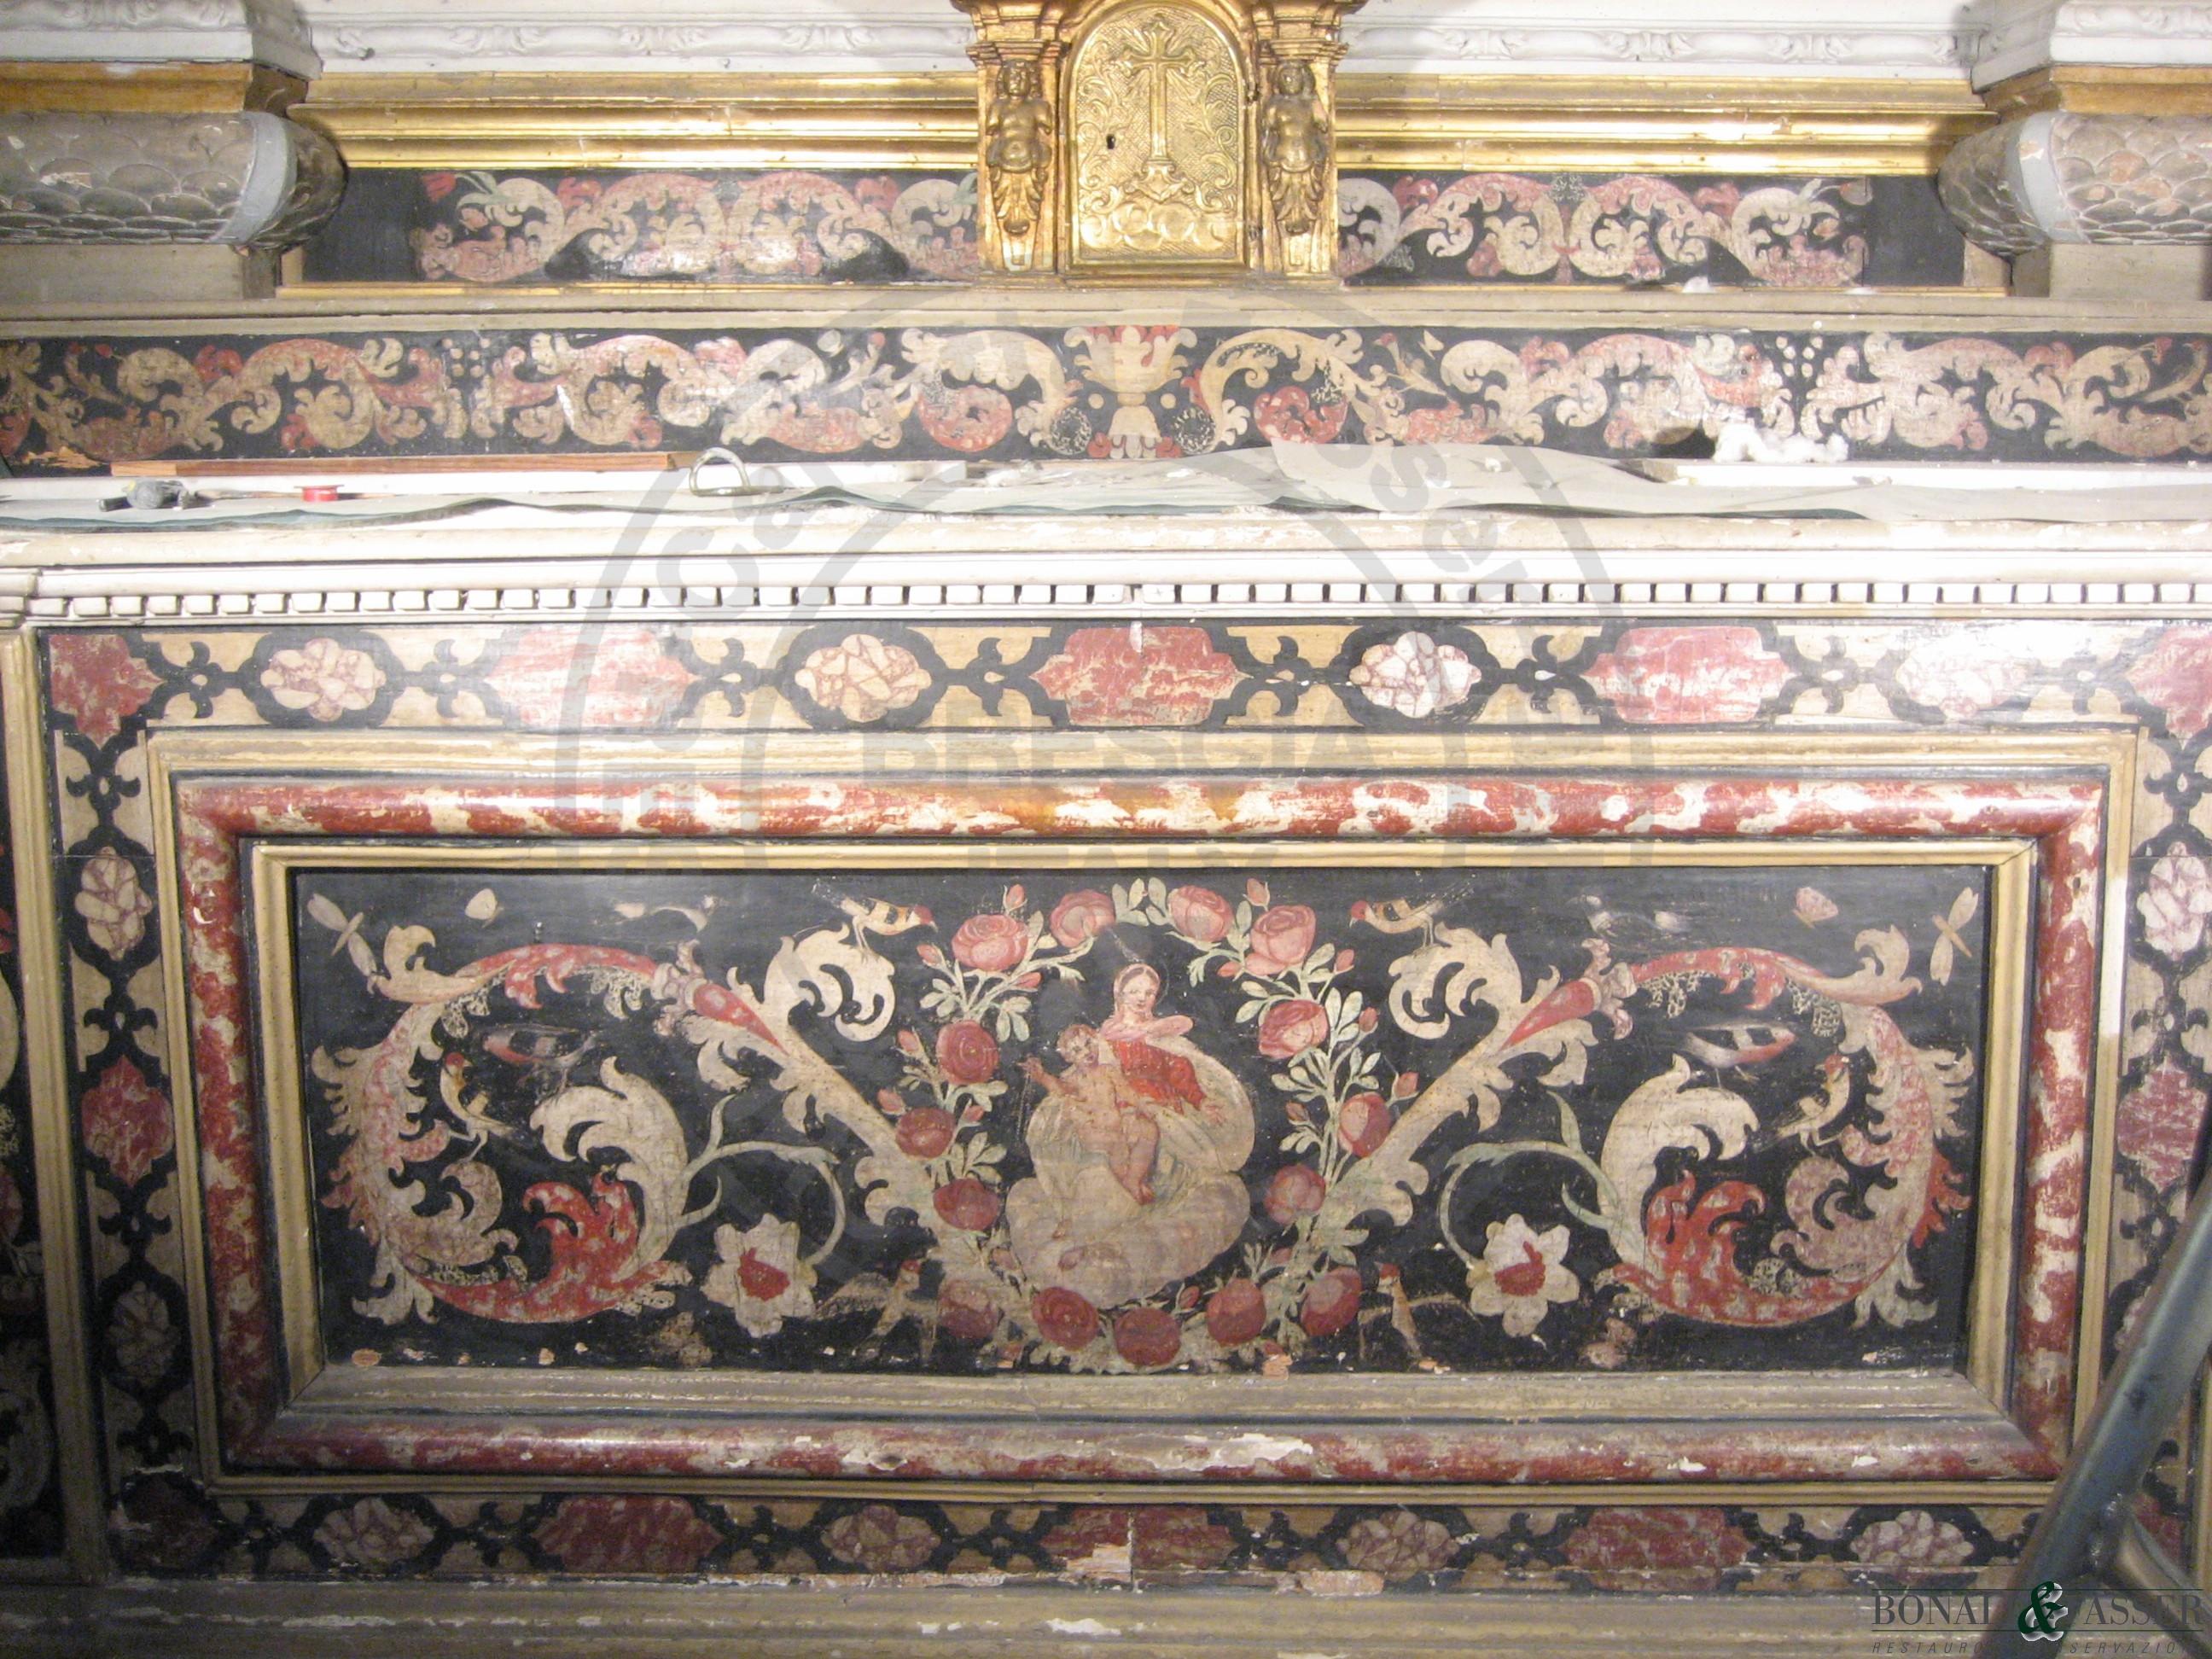 Dettaglio del paliotto prima del restauro